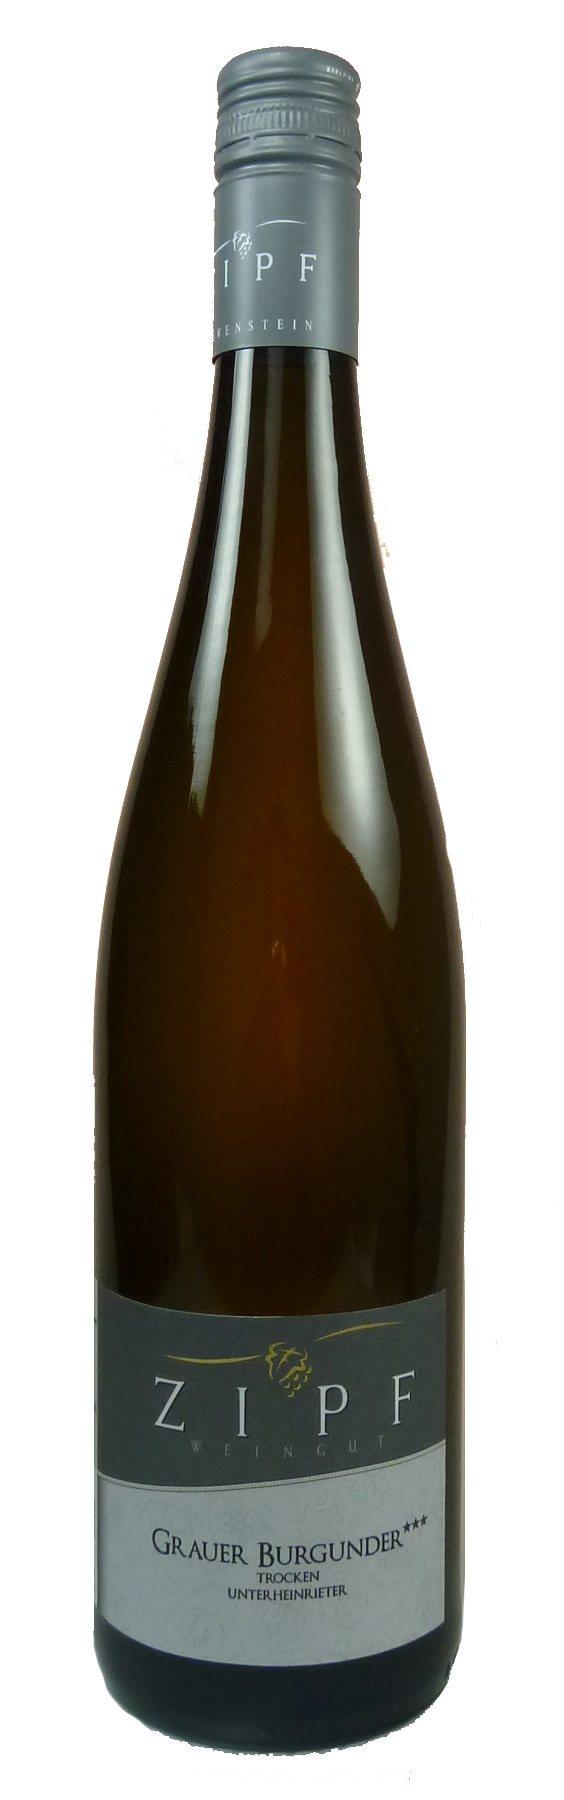 Grauburgunder *** Qualitätswein trocken 2016